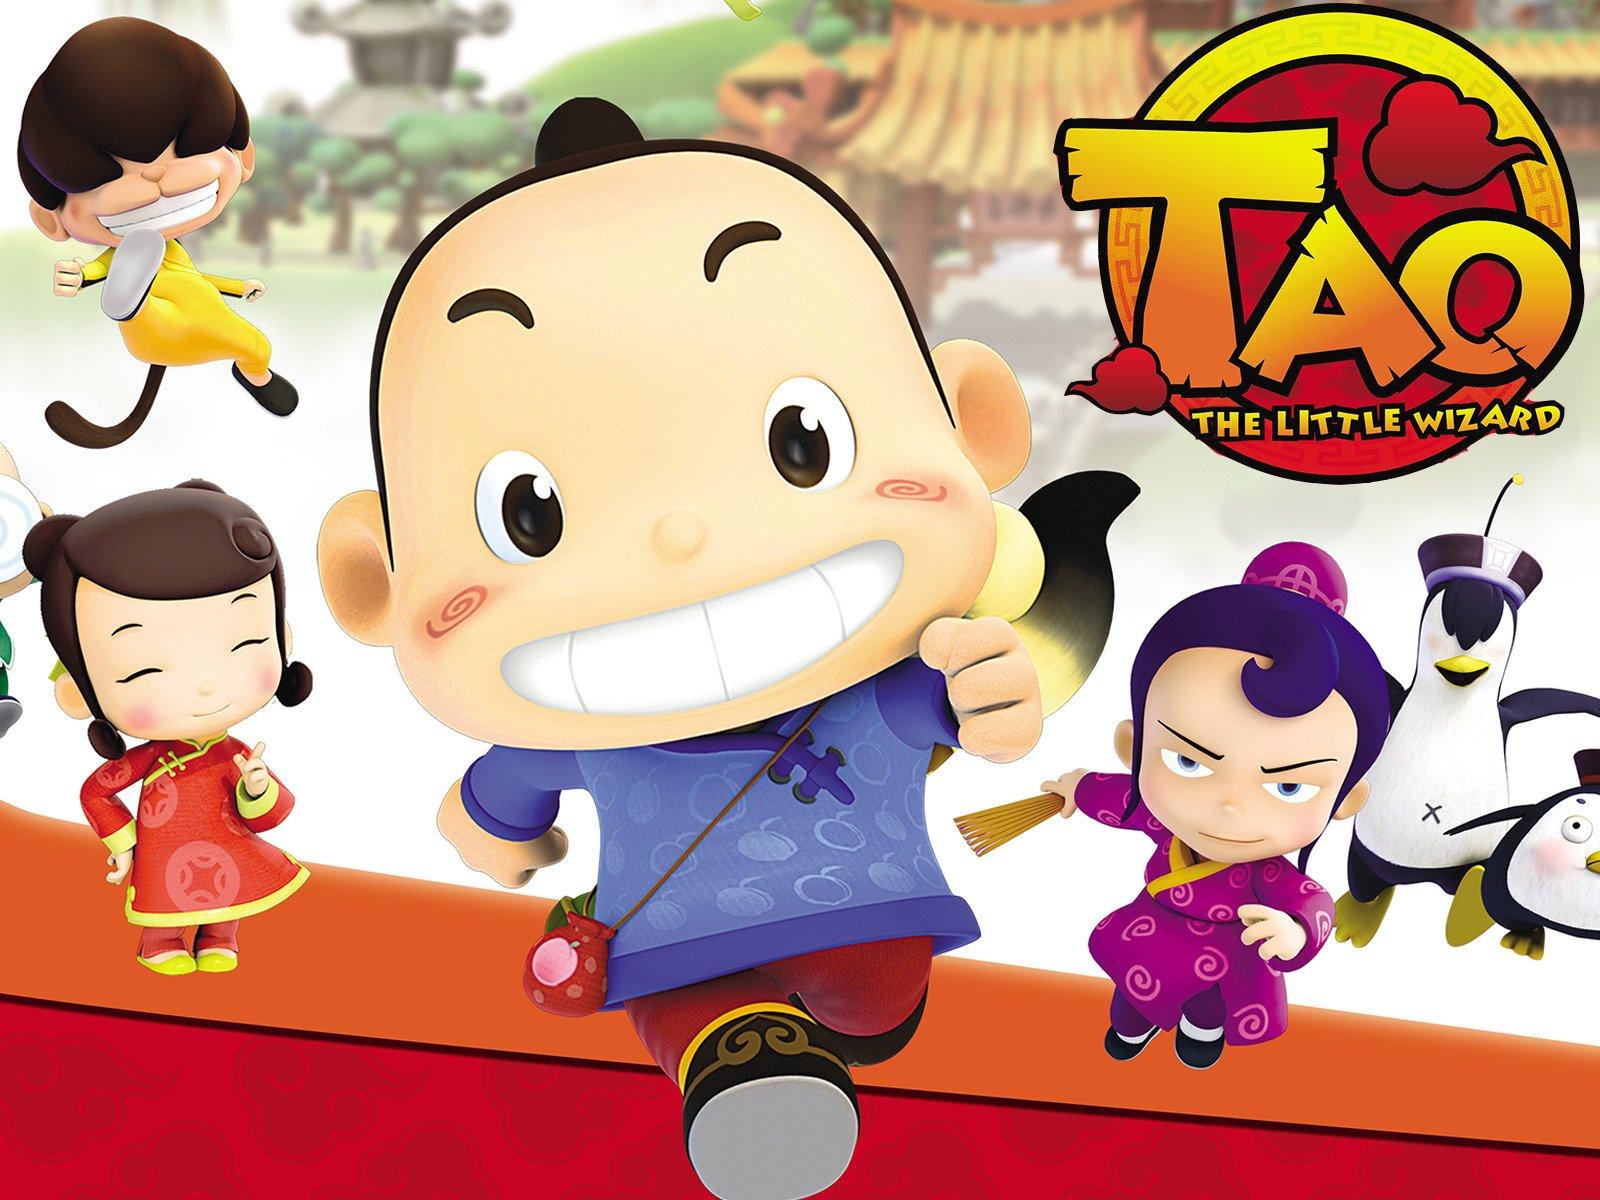 Tao the Little Wizard - Season 1